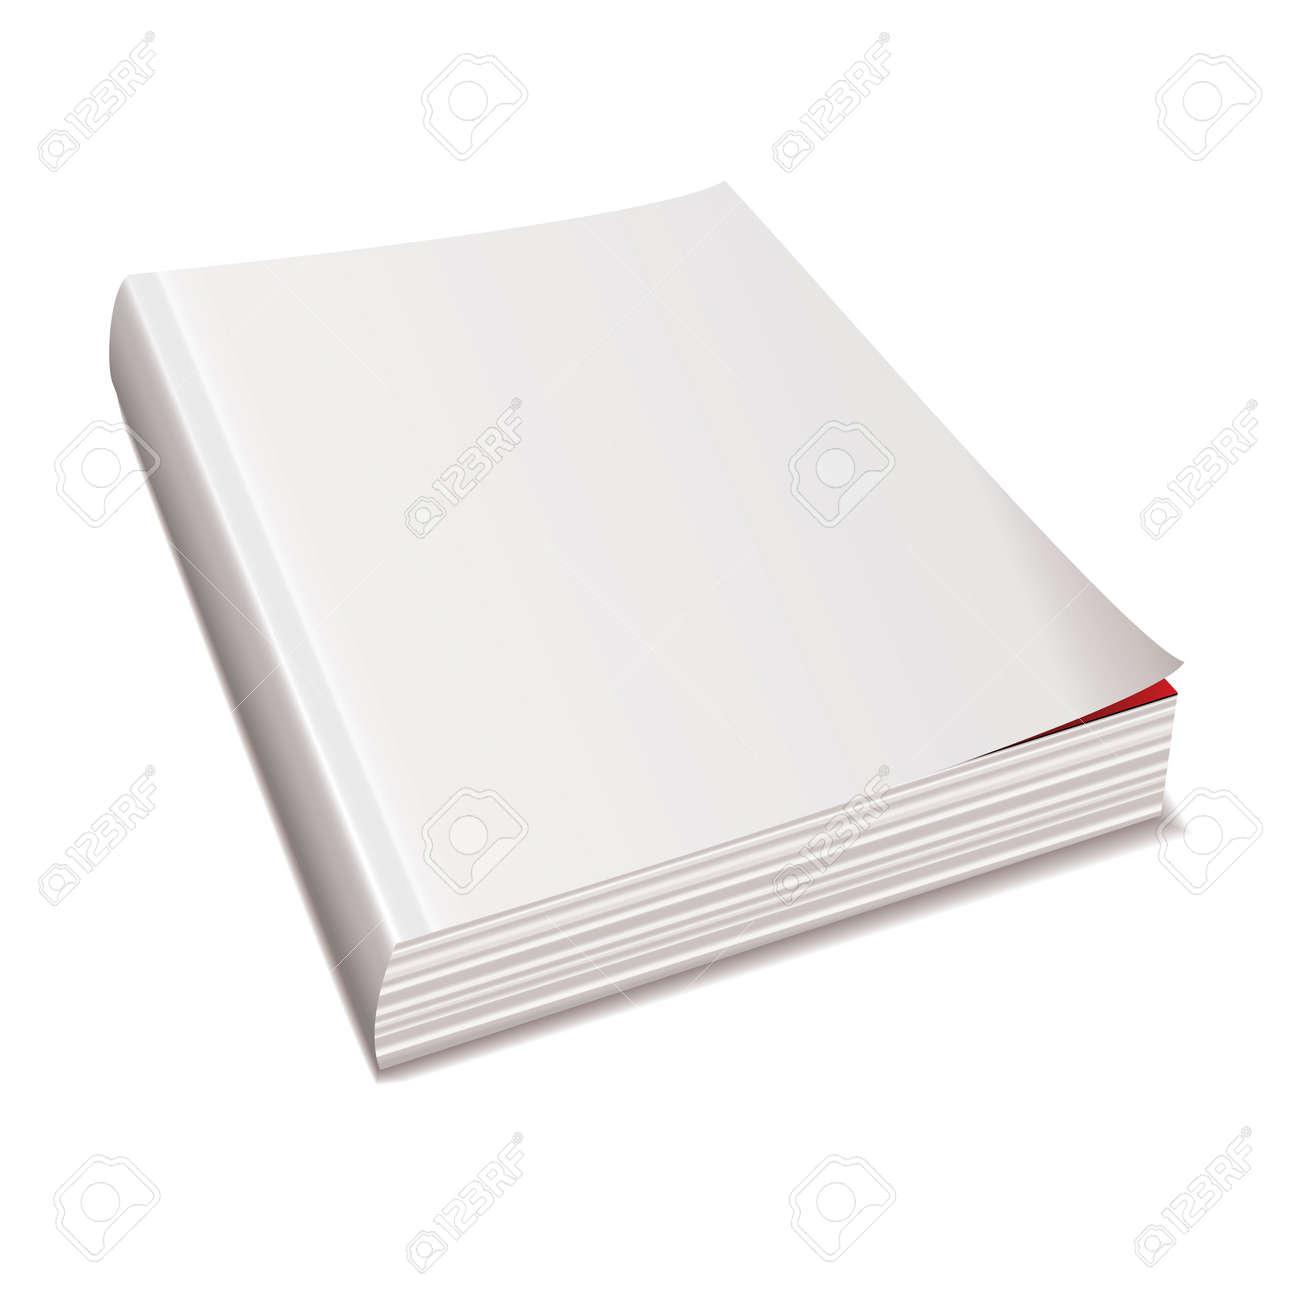 Livre Blanc De Blanc Livre Dos Avec Colonne Vertebrale Ombre